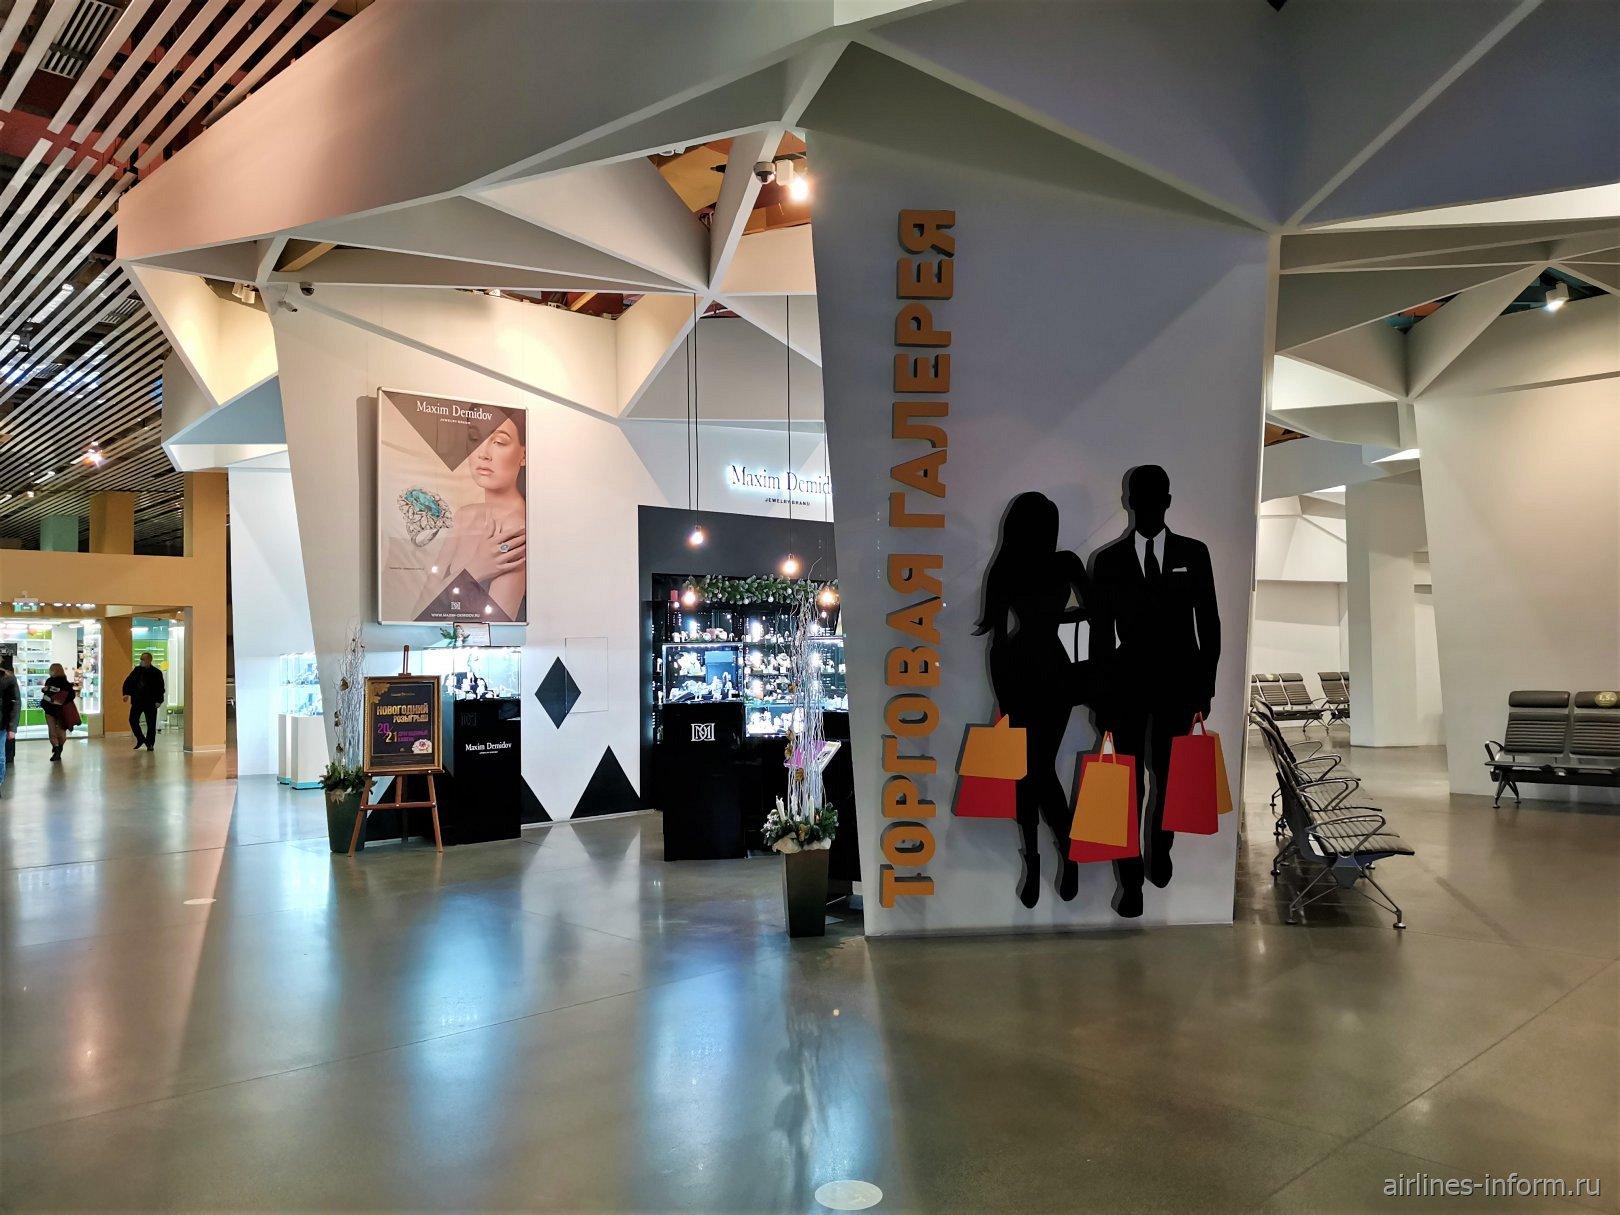 Торговая галерея в аэропорту Екатеринбург Кольцово